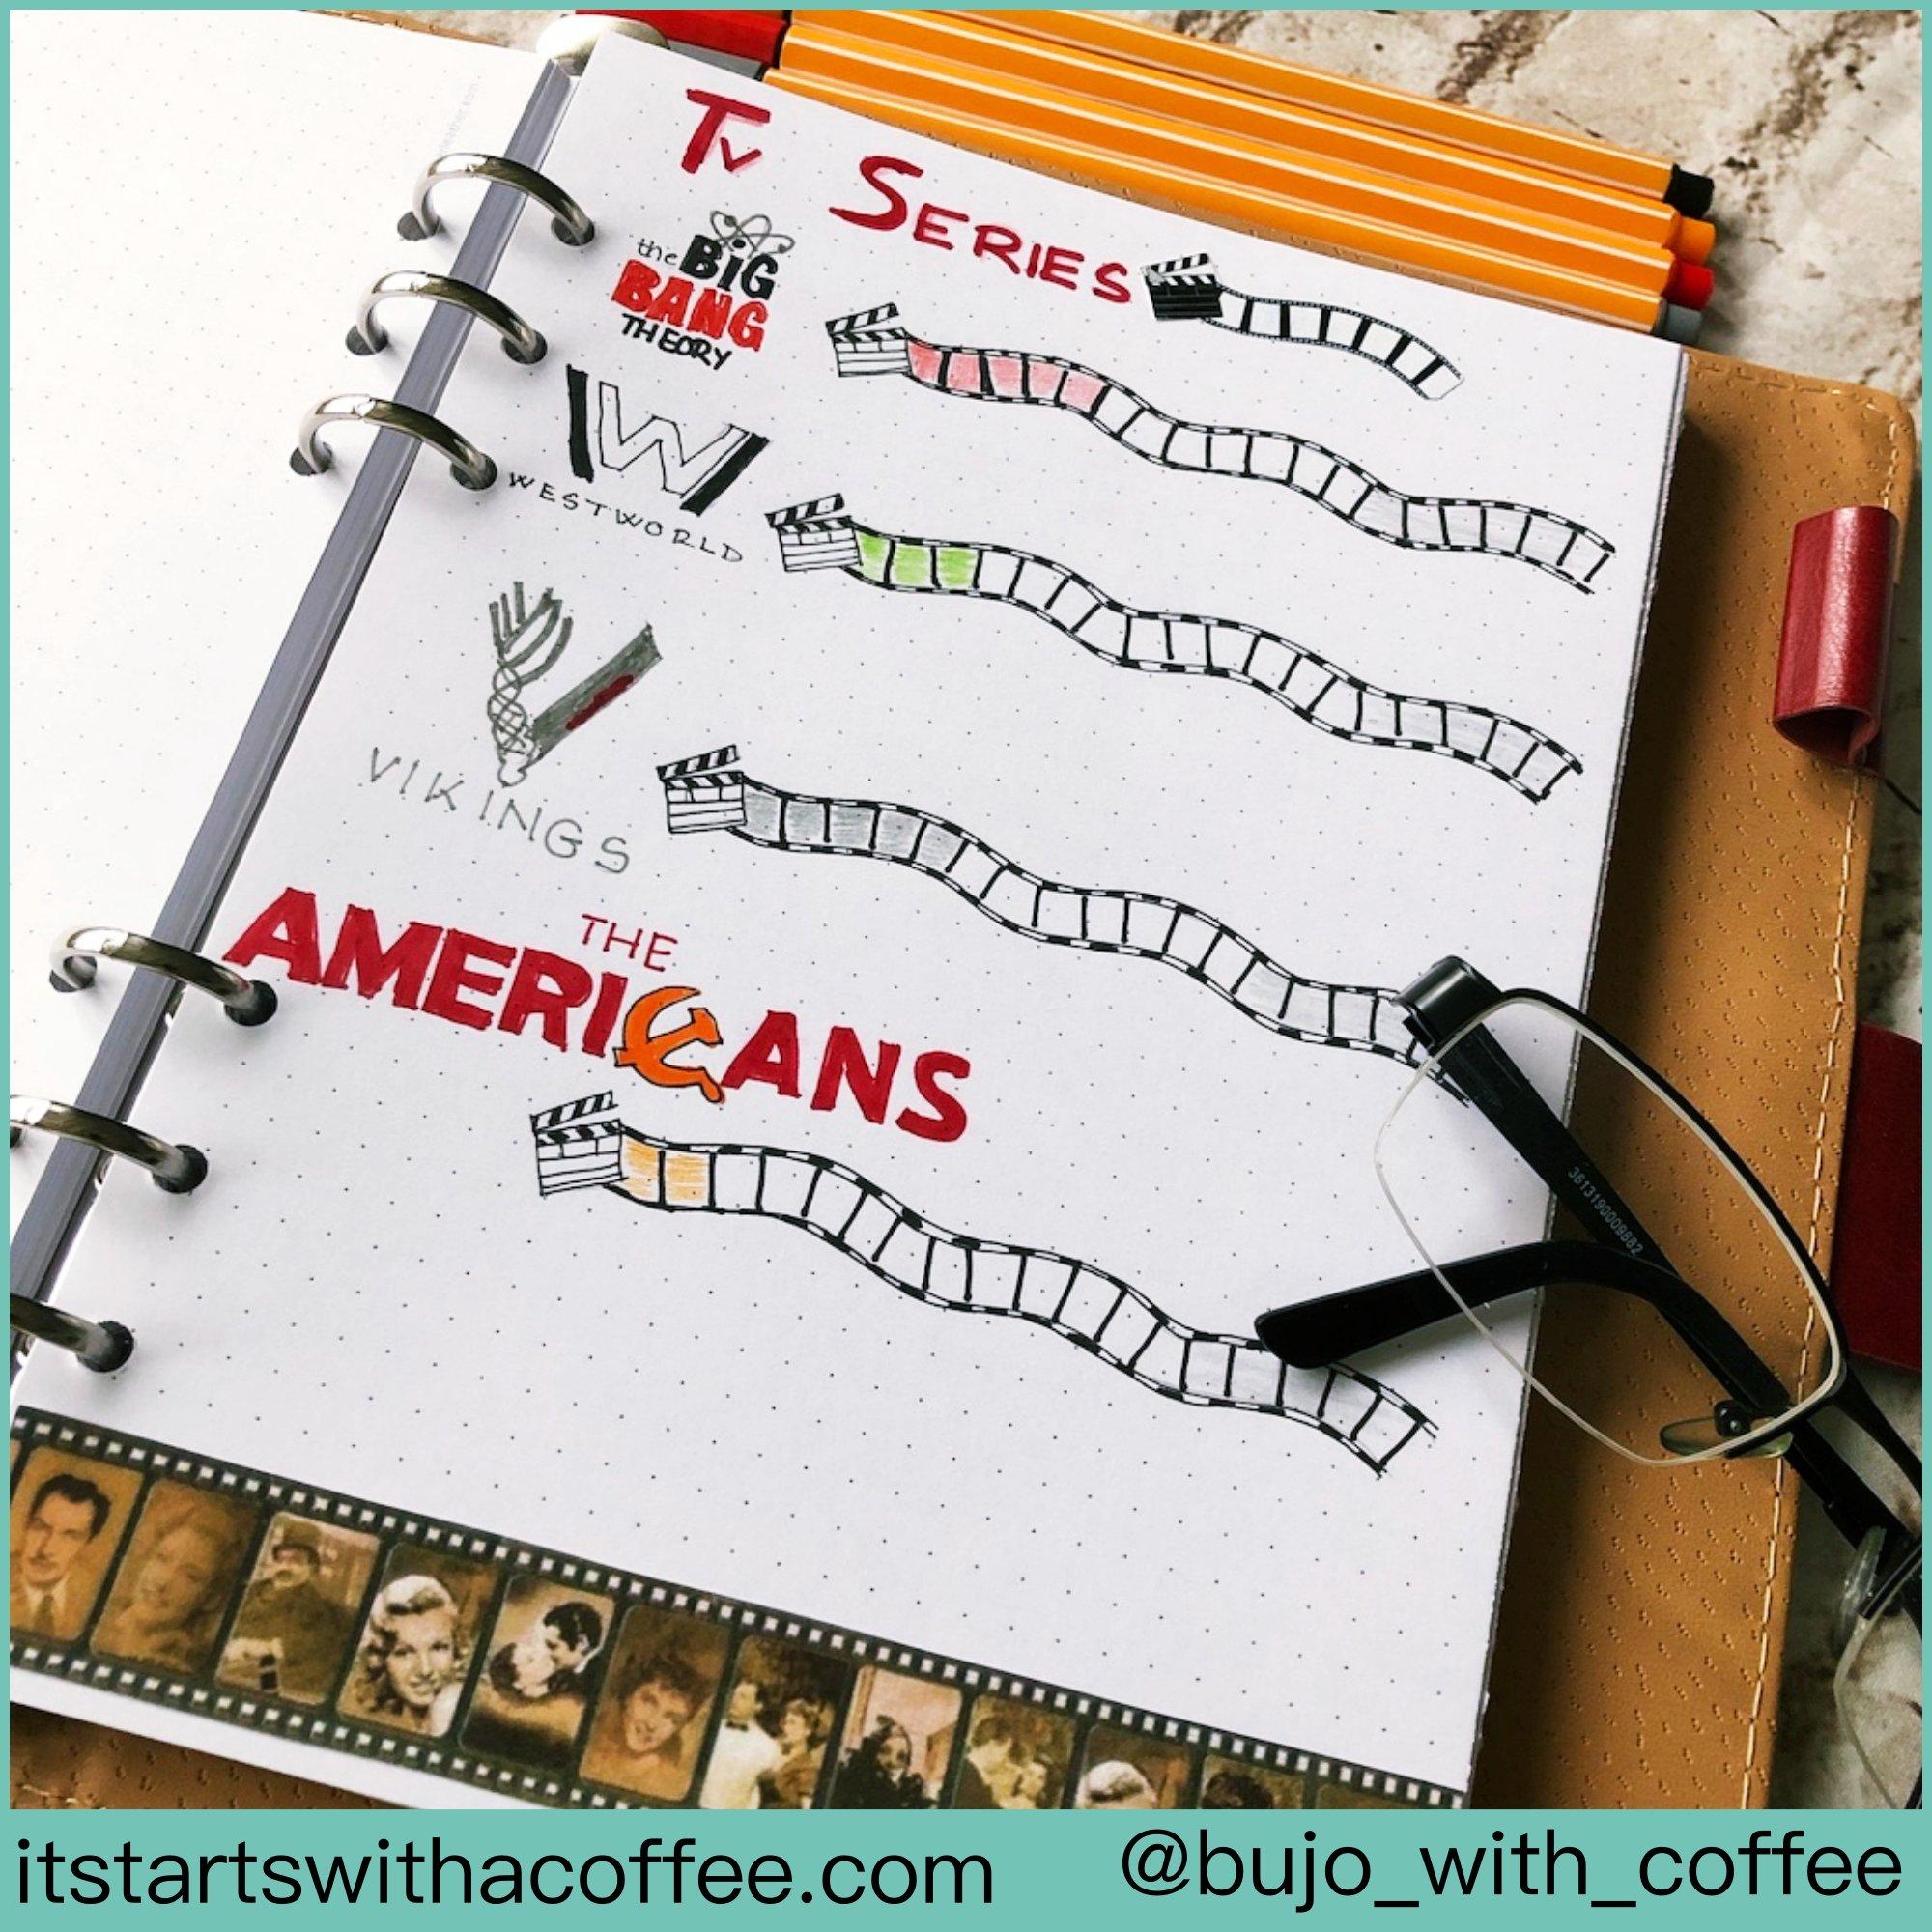 Bullet journal Series tracker - itstartswithacoffee.com #bulletjournal #seriestracker #tracker #bujo